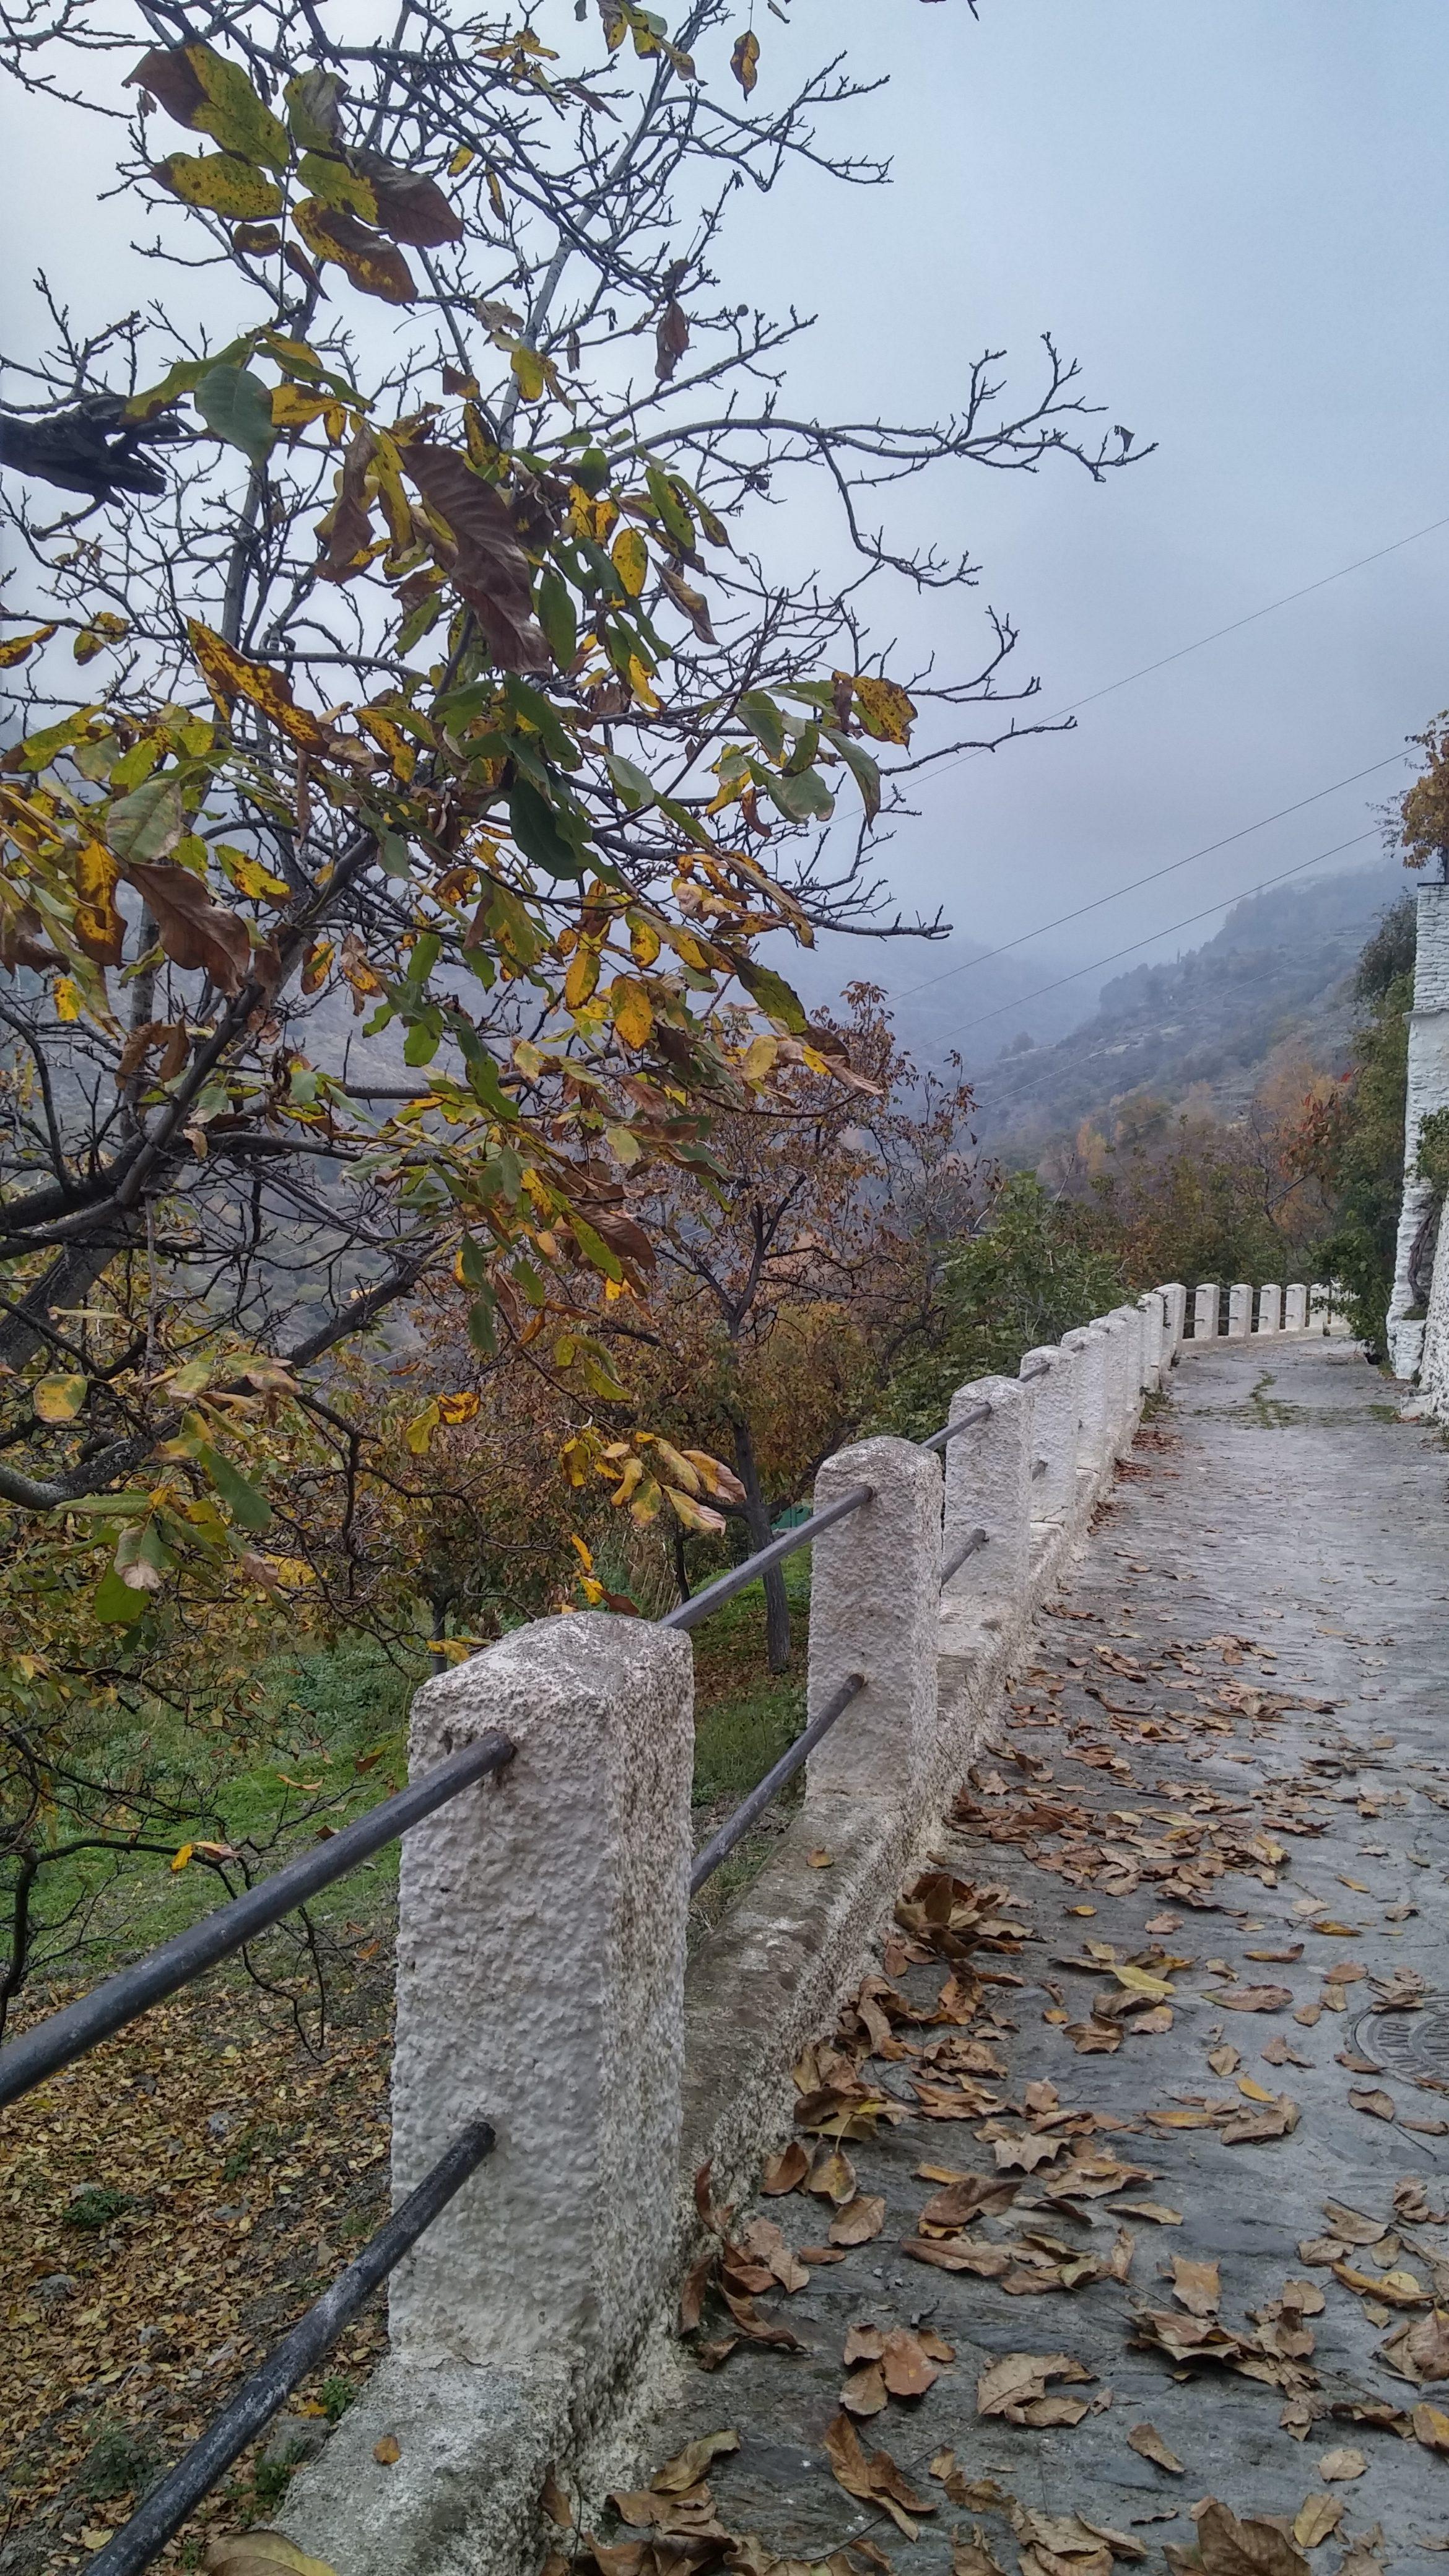 Colores de otoño en la Alpujarra (Campaneira) – María del Mar Ortiz Martínez (España)